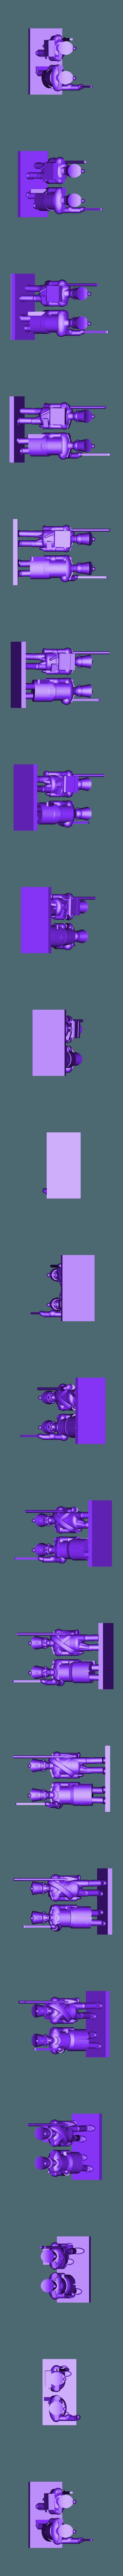 r_off_plus1_1.stl Télécharger fichier STL gratuit Napoleonics - Part 8 - Russian Infantry • Design pour impression 3D, Earsling